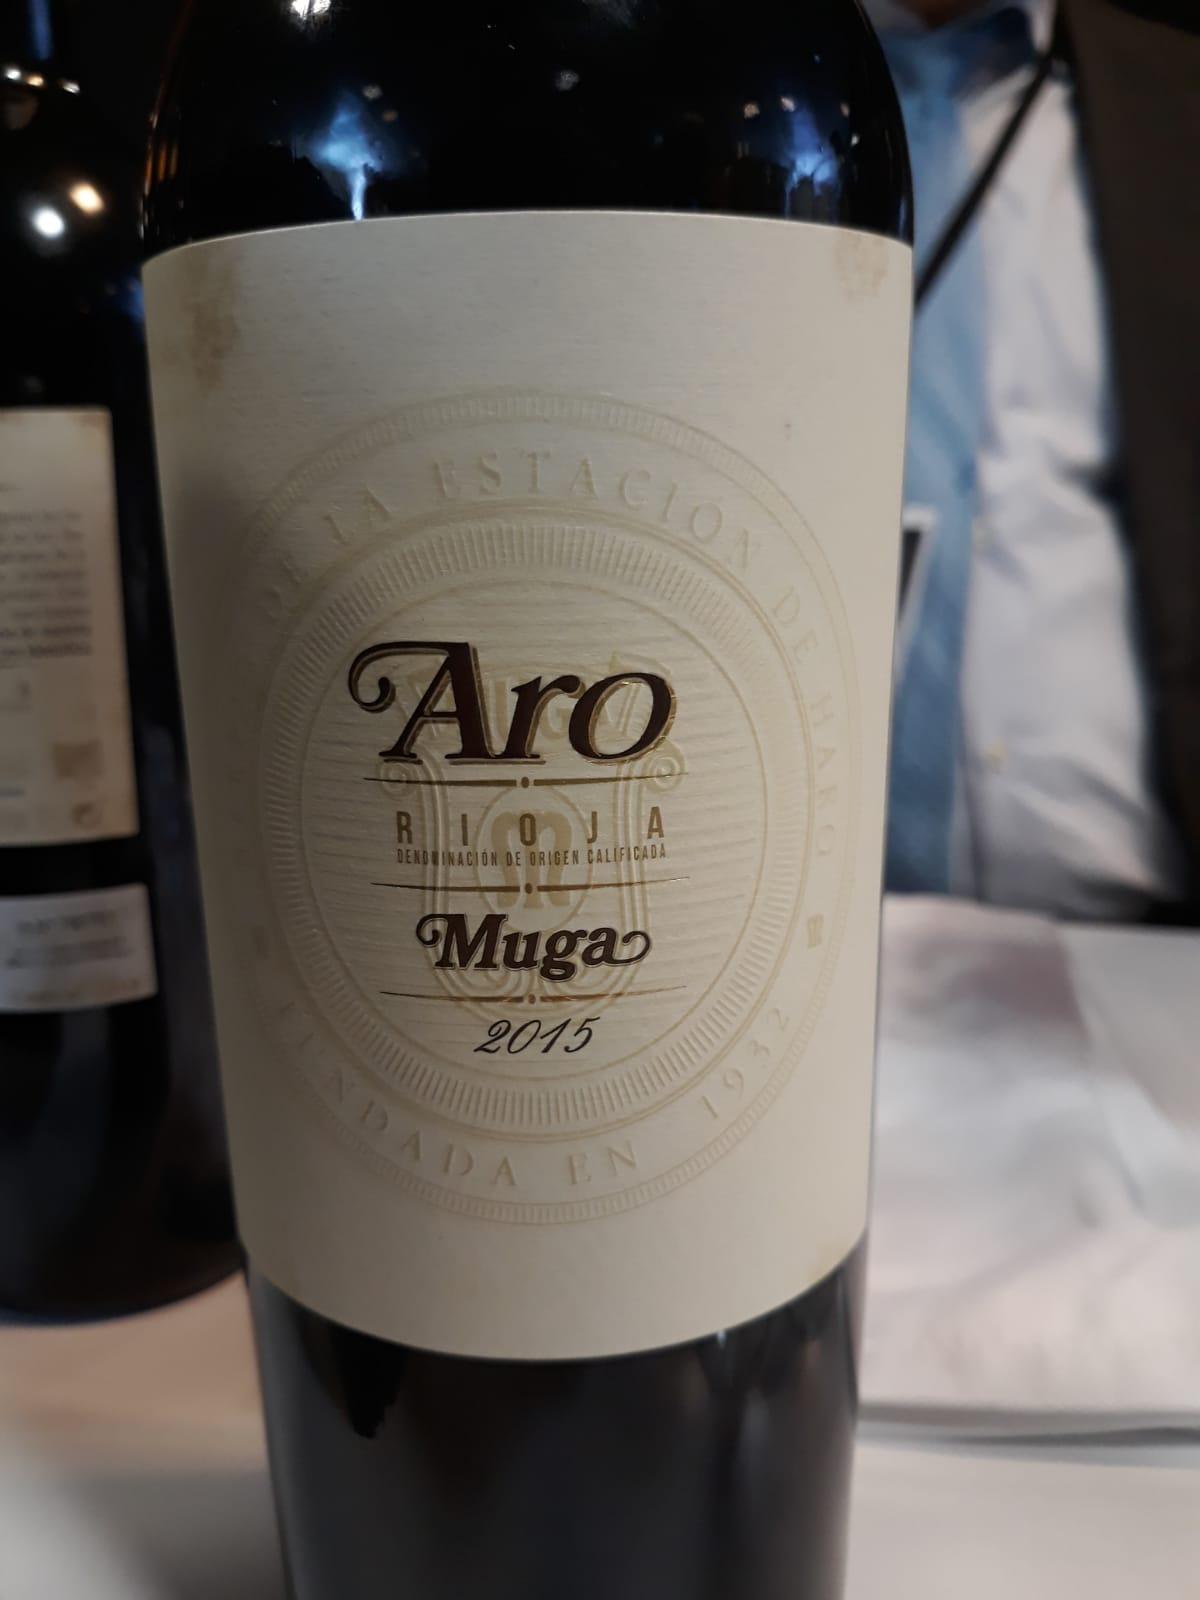 Muga Aro Rioja 2015